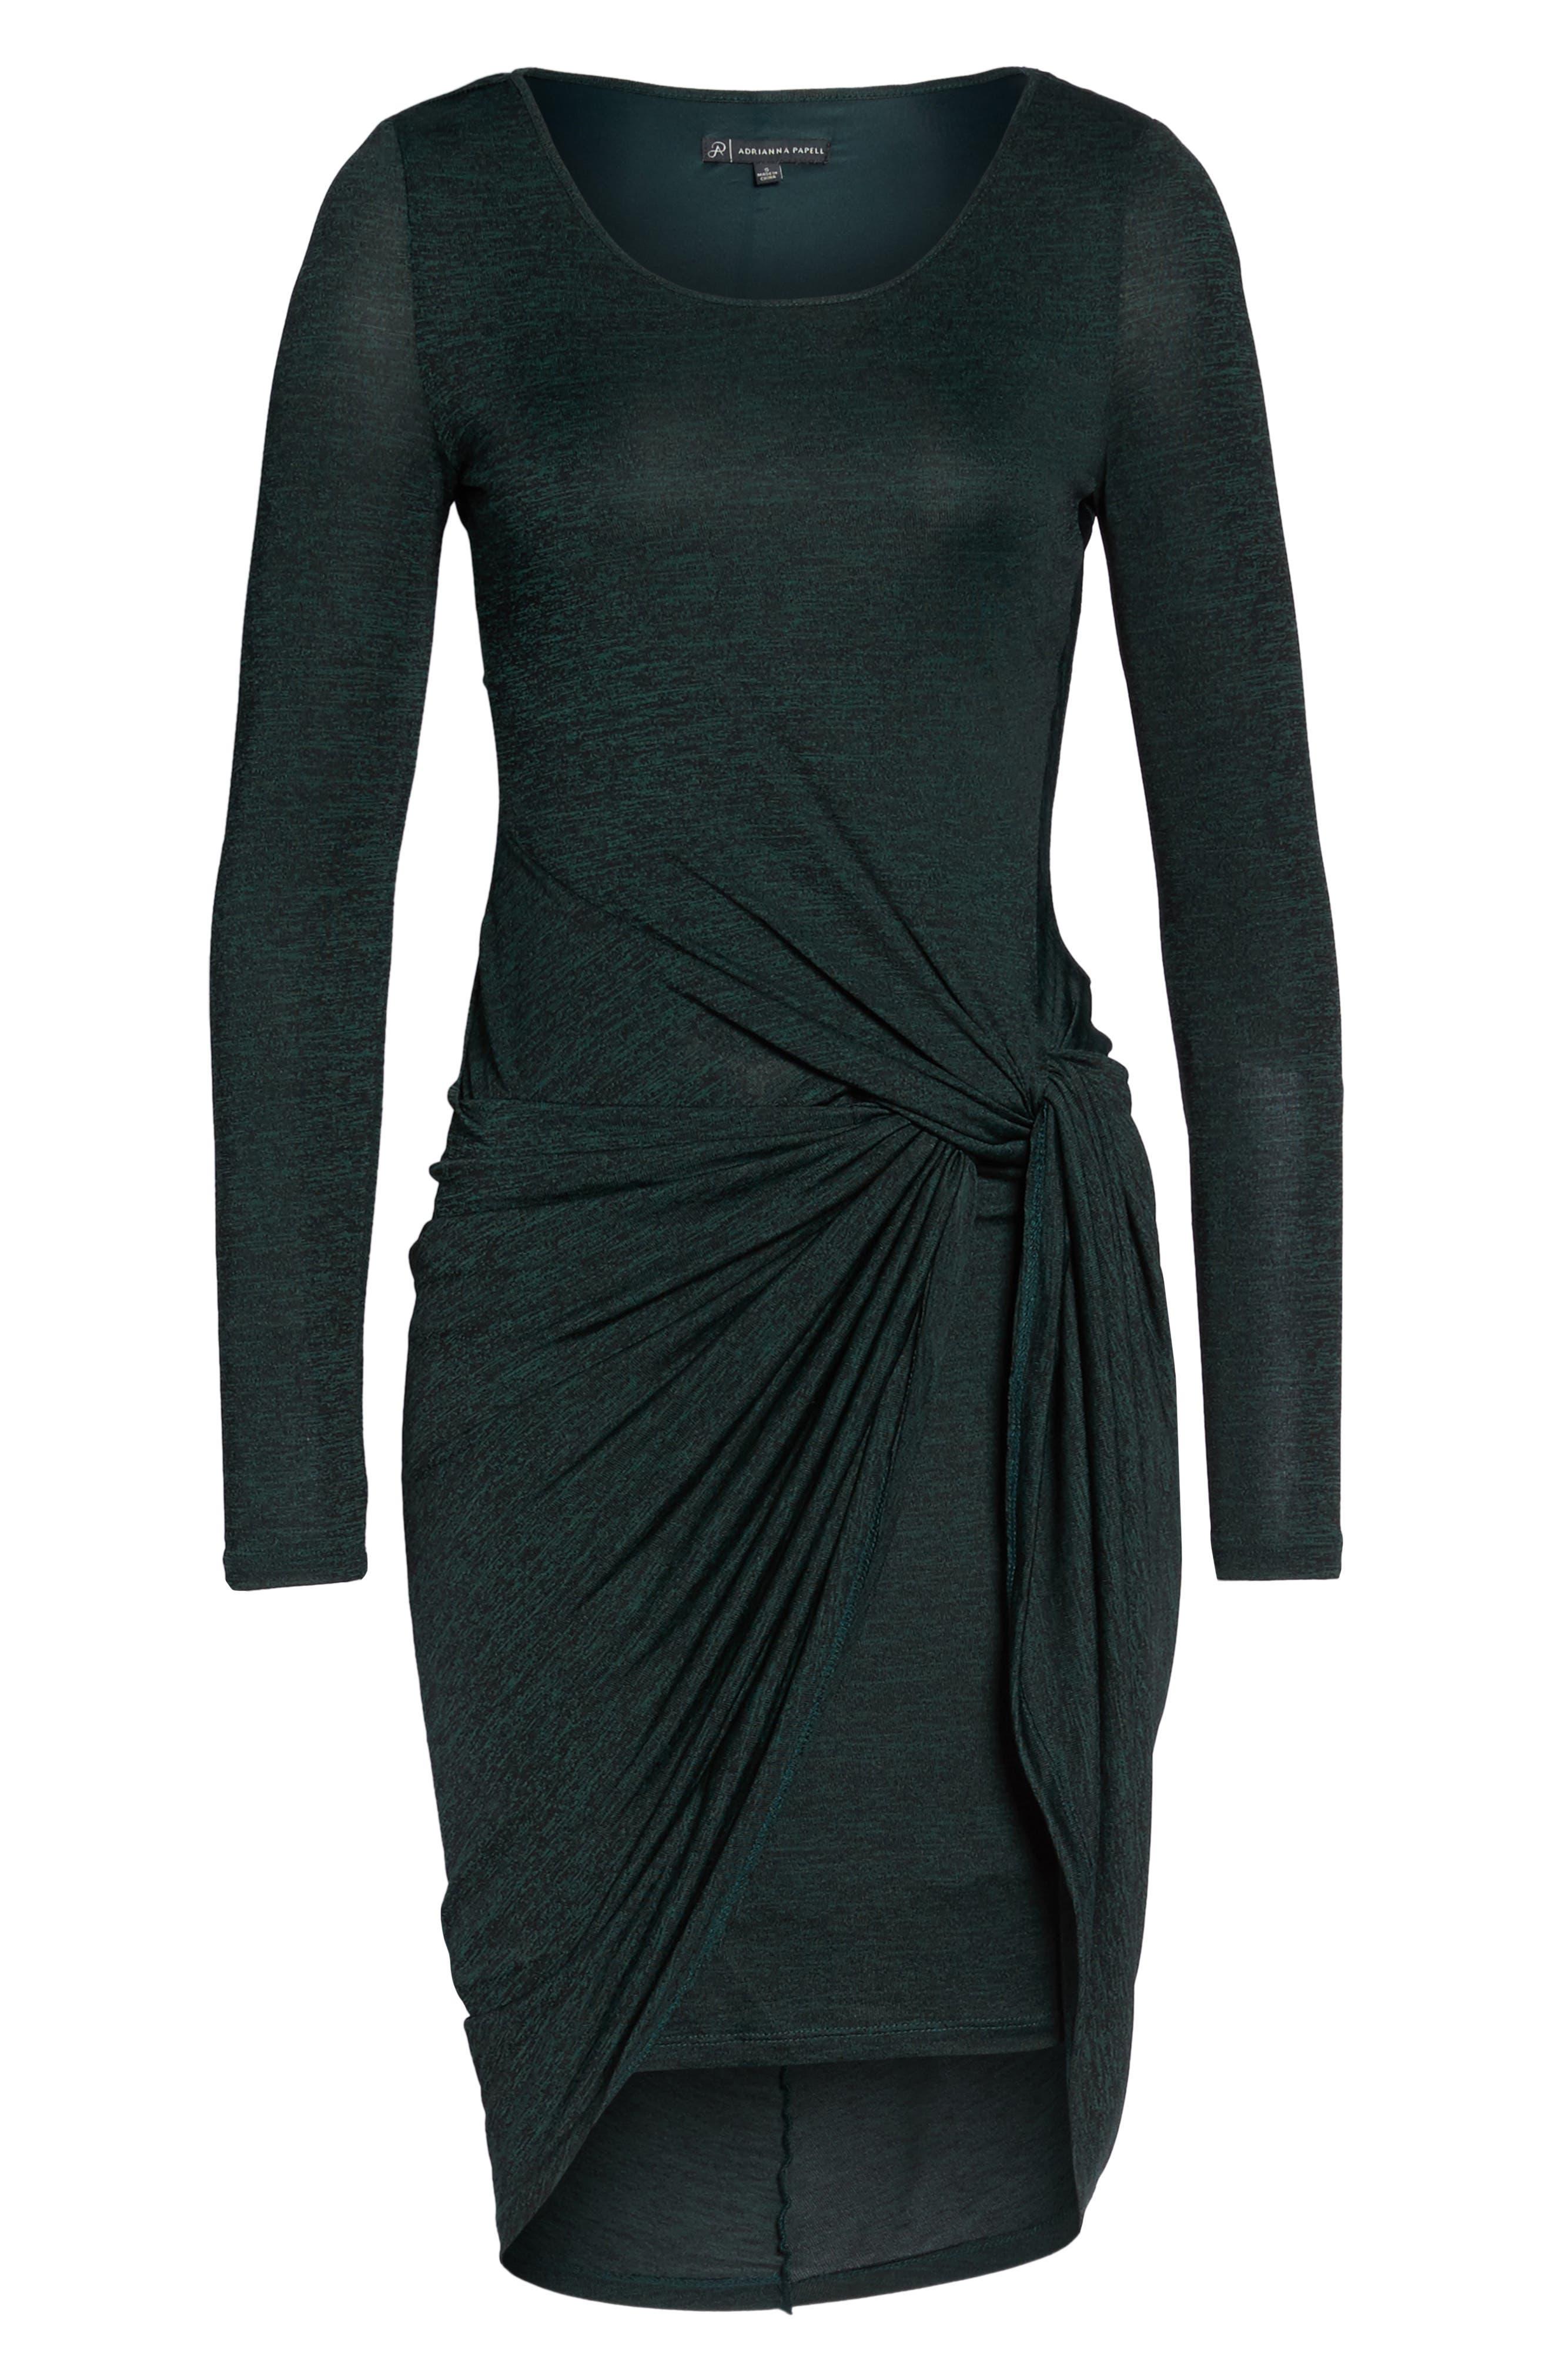 Jaspee Knot Midi Dress,                             Alternate thumbnail 3, color,                             Hunter Black